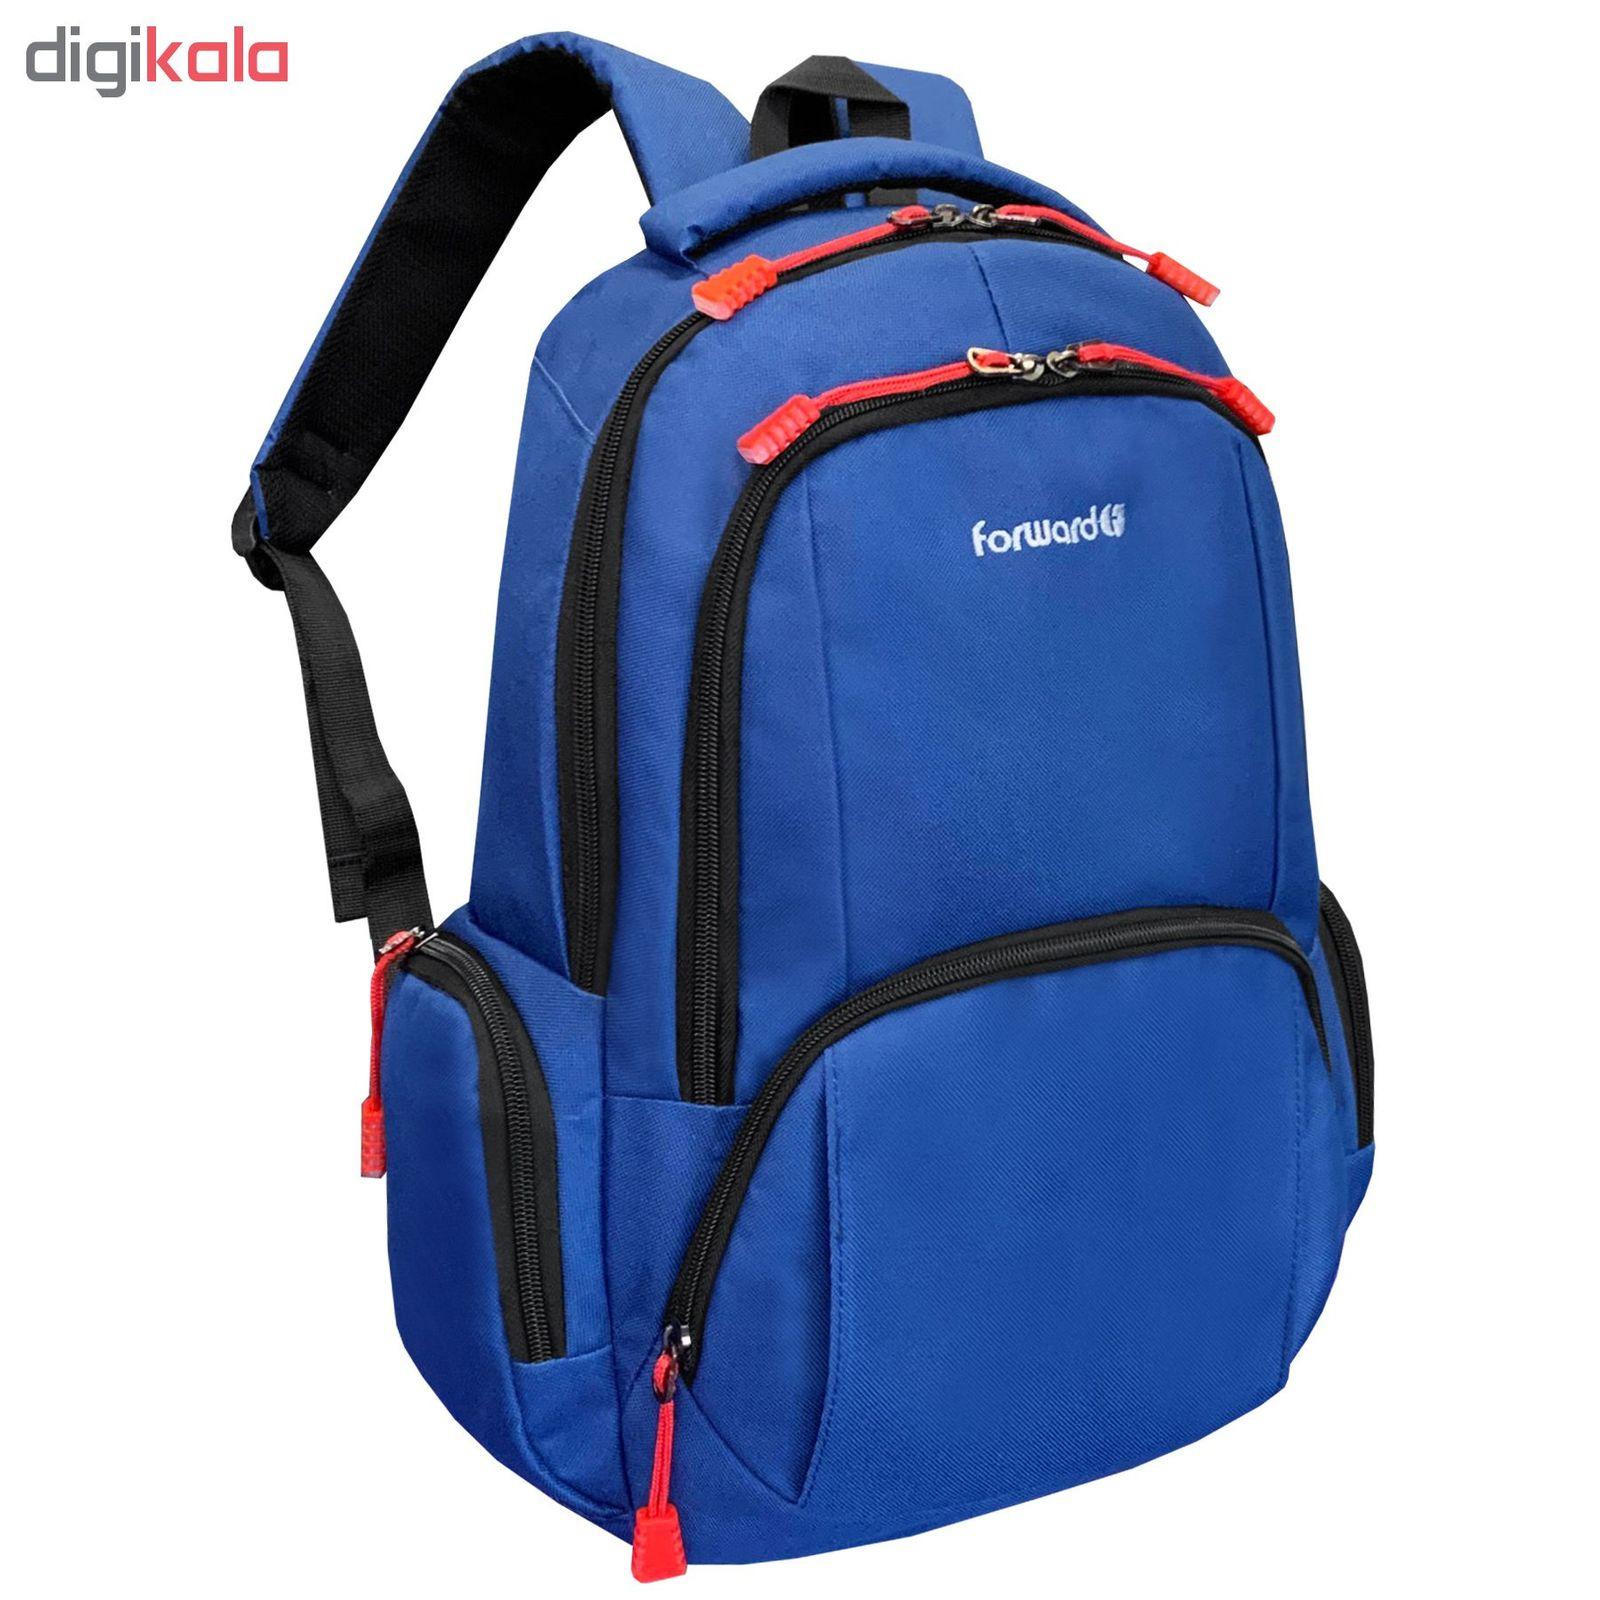 کوله پشتی لپ تاپ فوروارد مدل FCLT9006 مناسب برای لپ تاپ 16.4 اینچی main 1 3